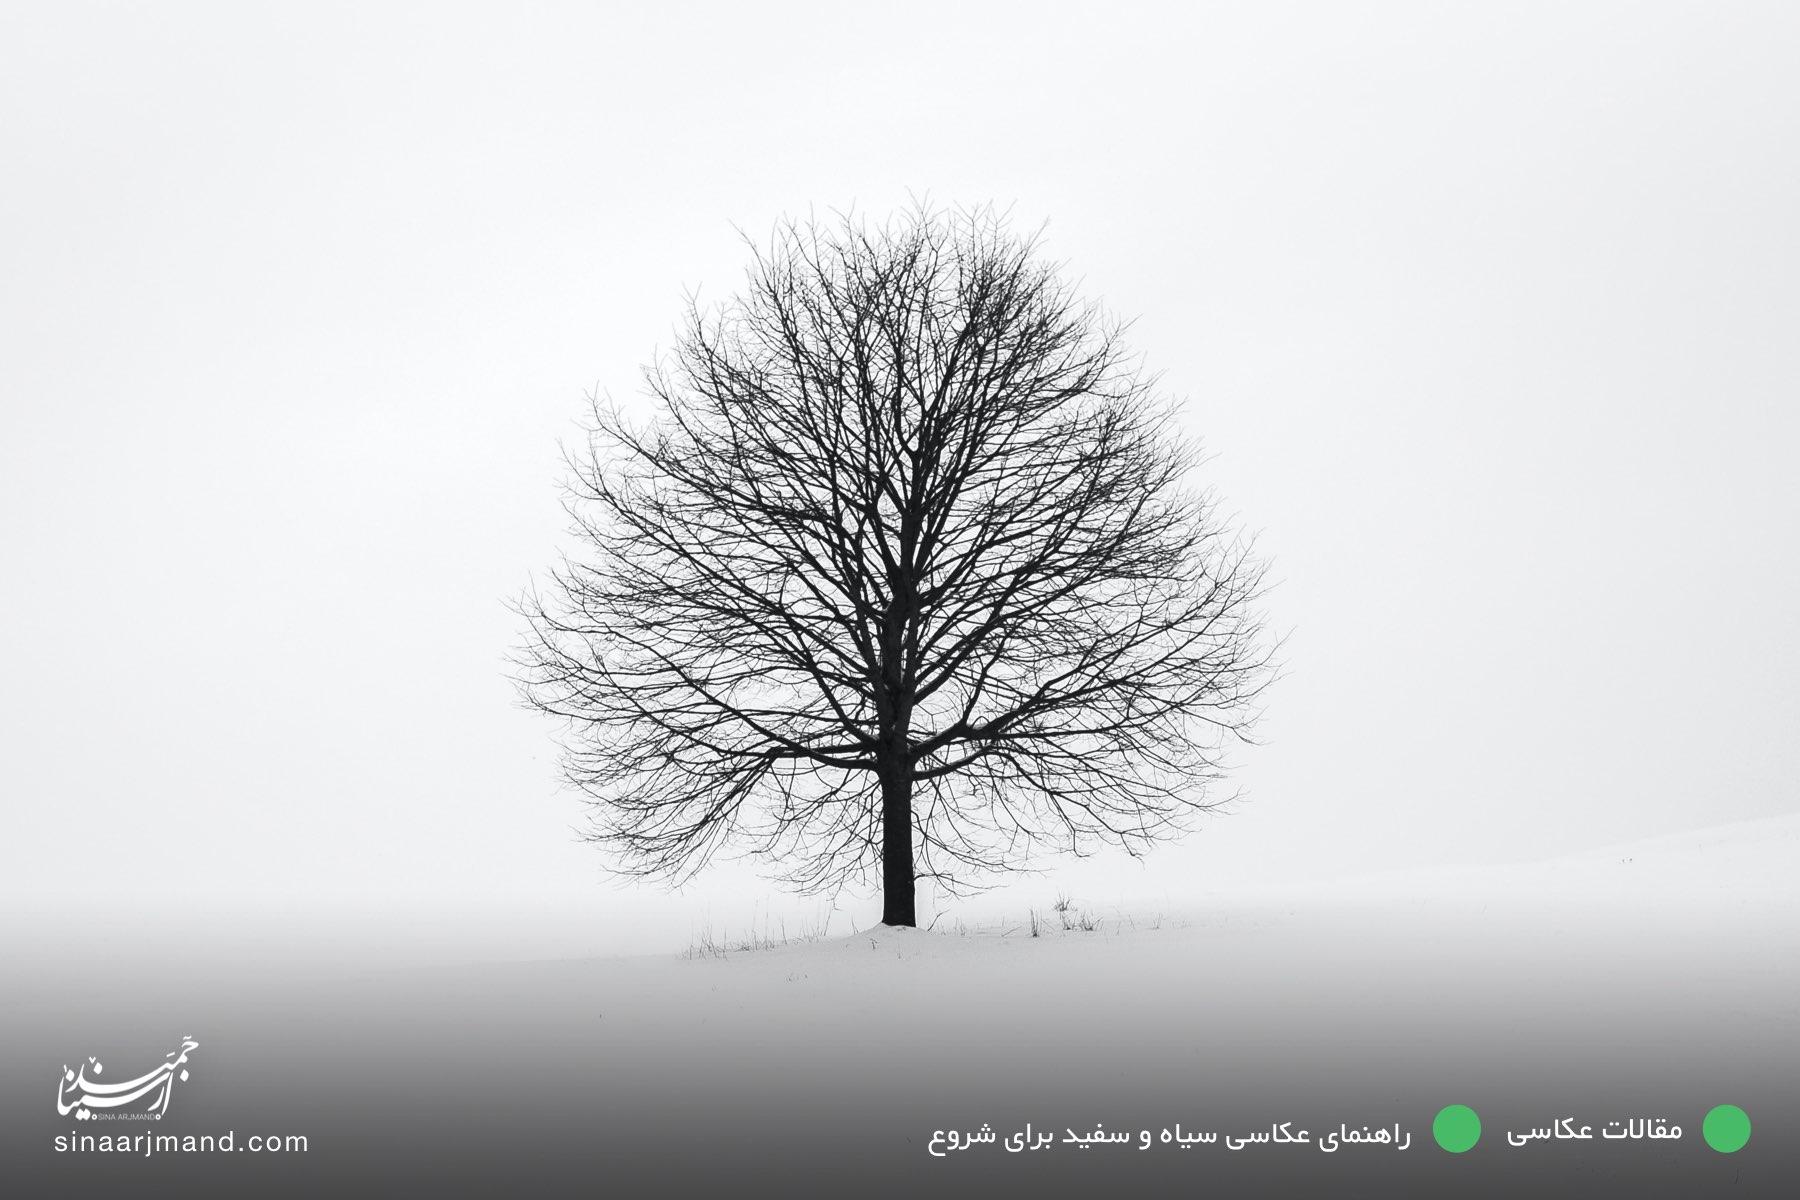 راهنمای عکاسی سیاه و سفید برای شروع🏳️🏴